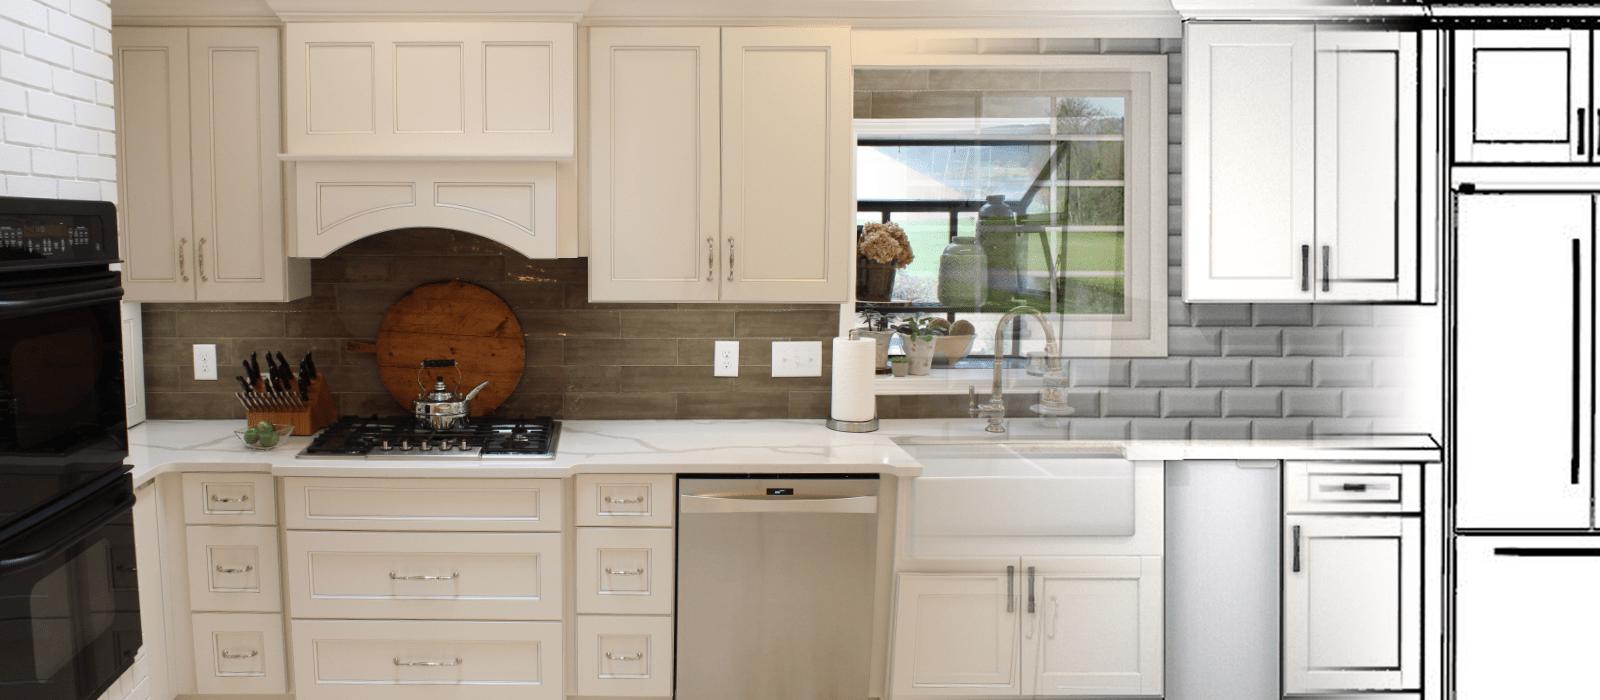 Frugal Kitchen Designers